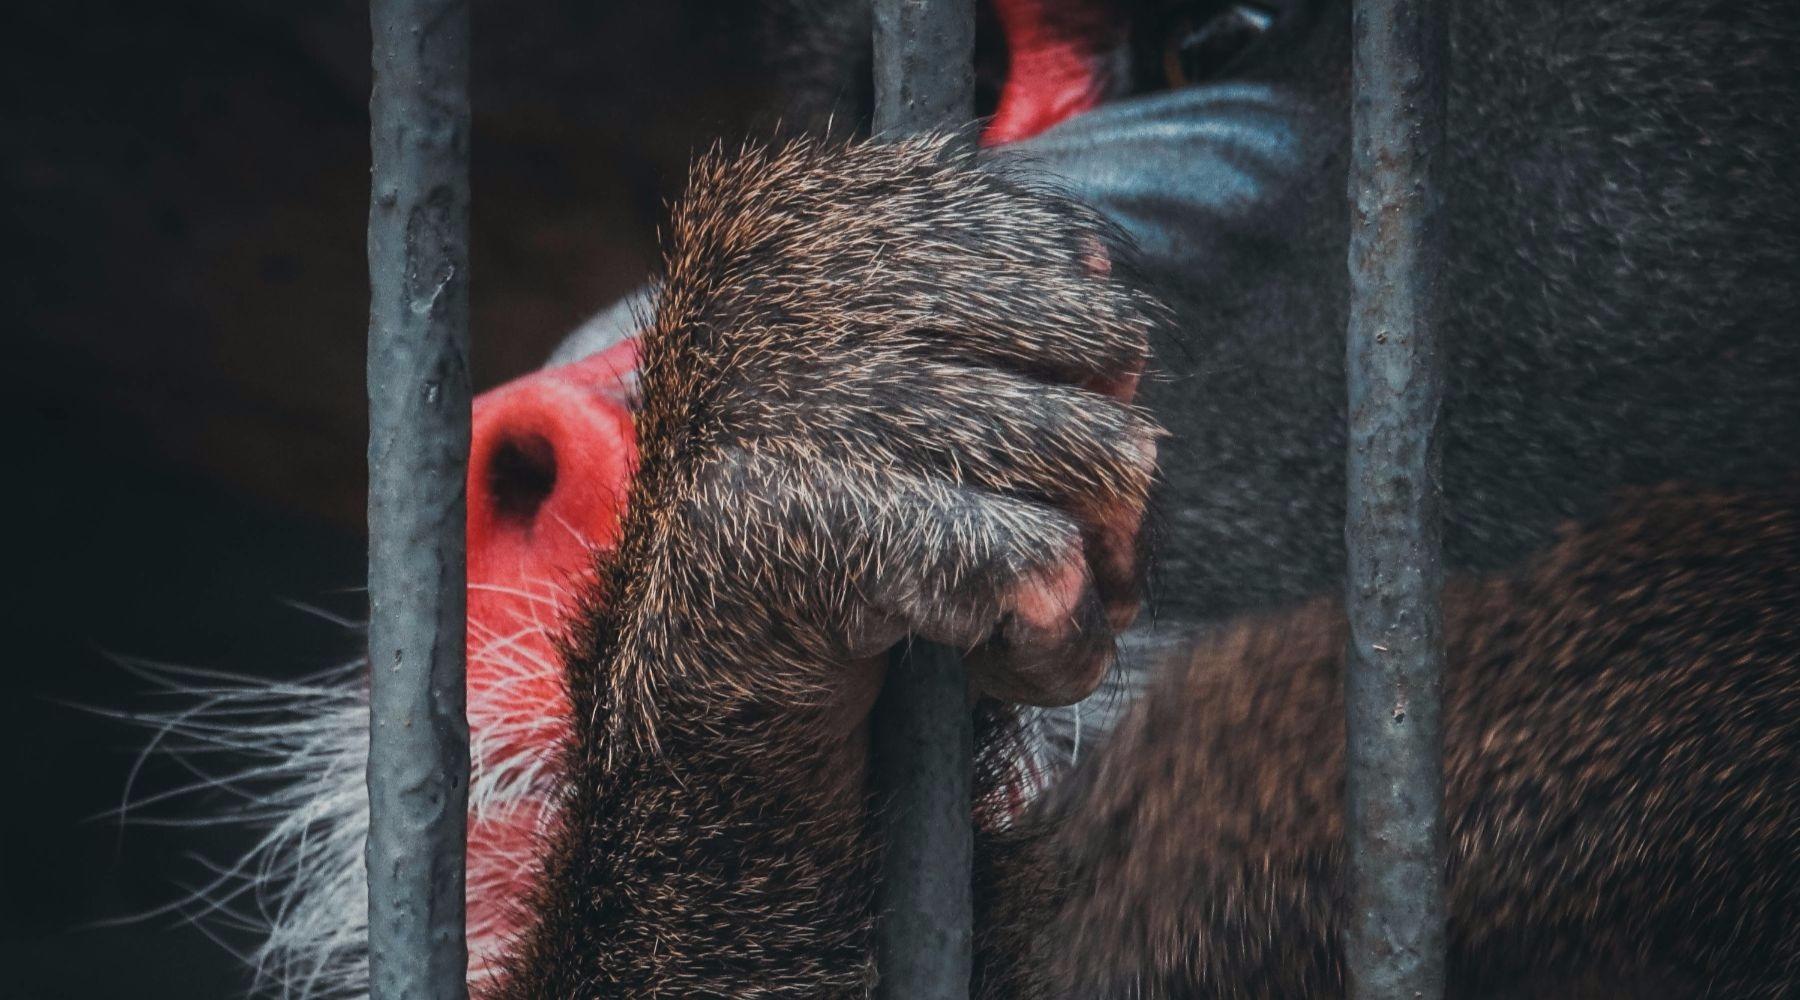 Waarom je niet naar de dierentuin zou moeten gaan